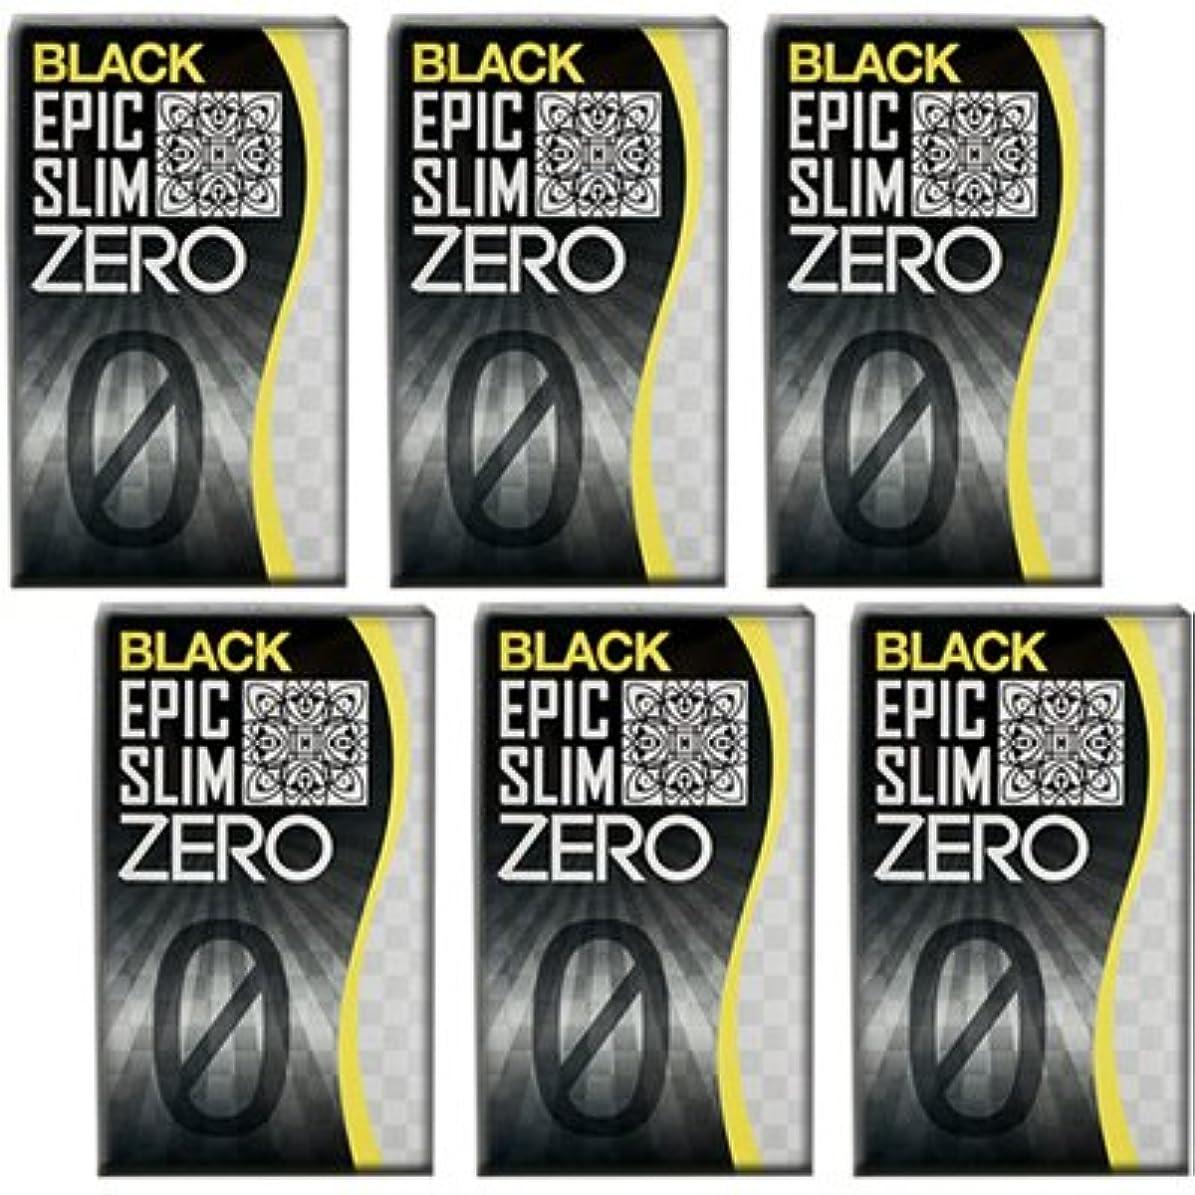 ジャニスワイン等しいブラック エピックスリム ゼロ ブラック 6個セット!  Epic Slim ZERO BLACK ×6個